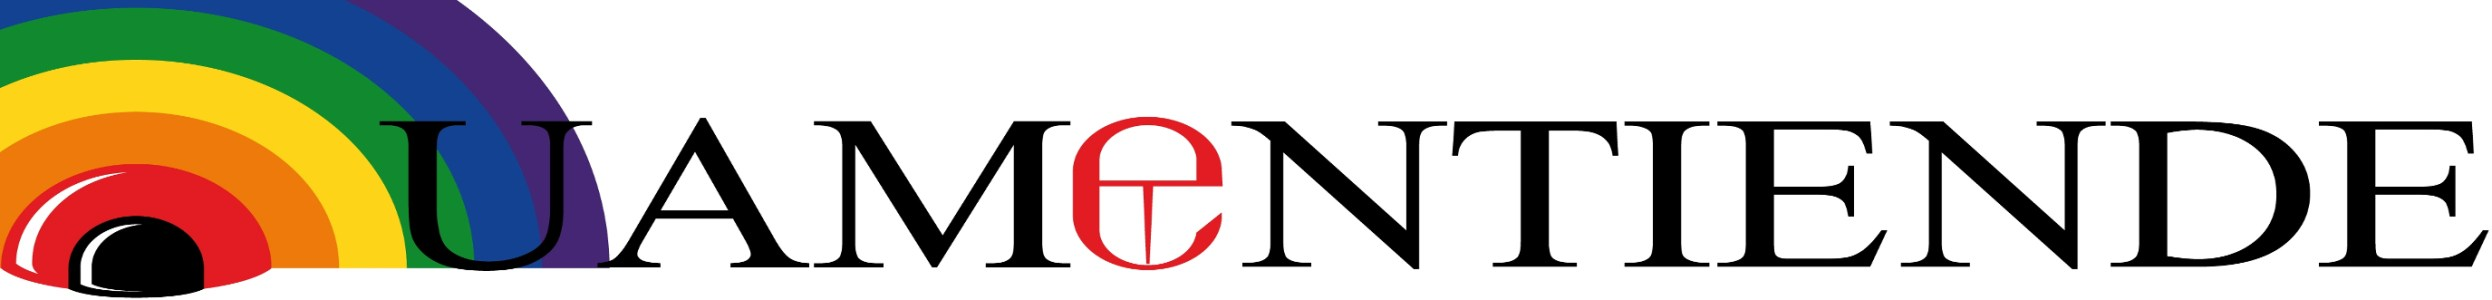 Cabcera: Logo UAMentiende